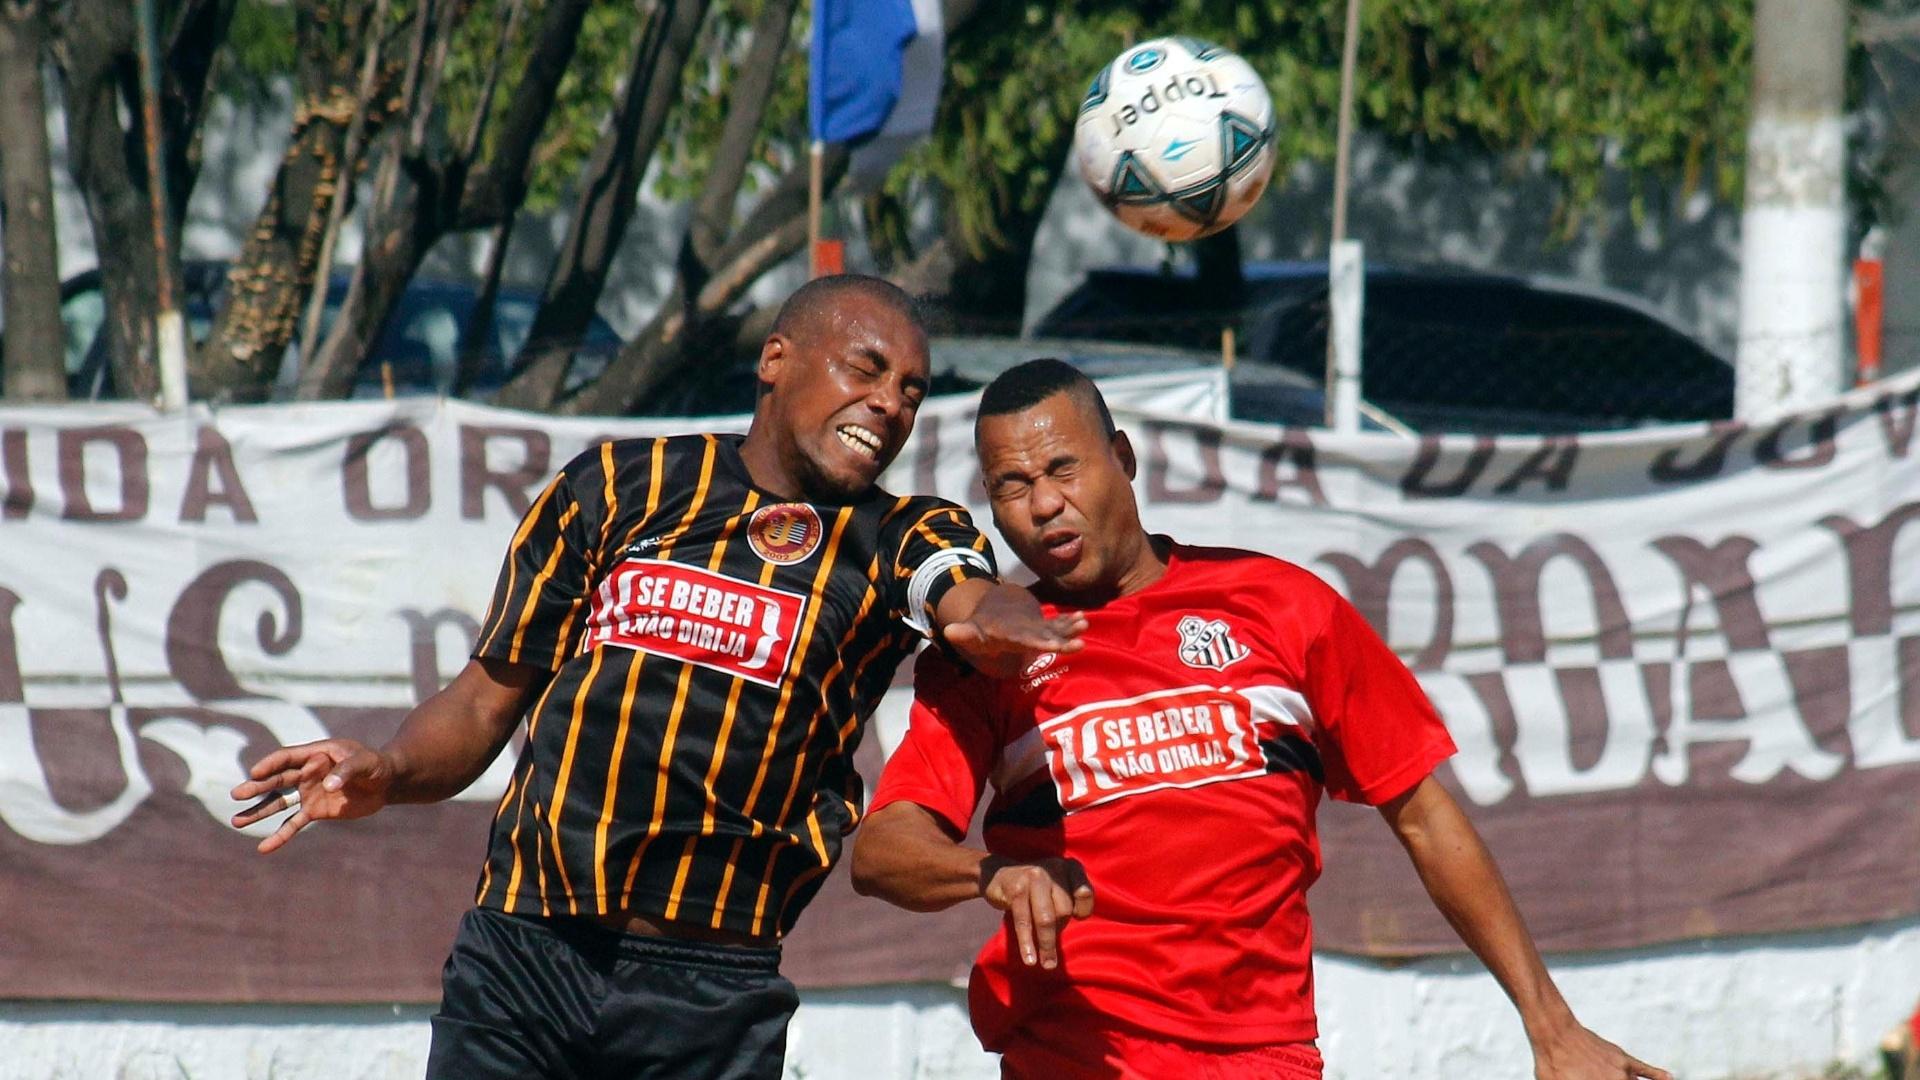 O Juventus da Liberdade (preto) superou o Vet. Unidos Paulista (vermelho) por 2 a 0